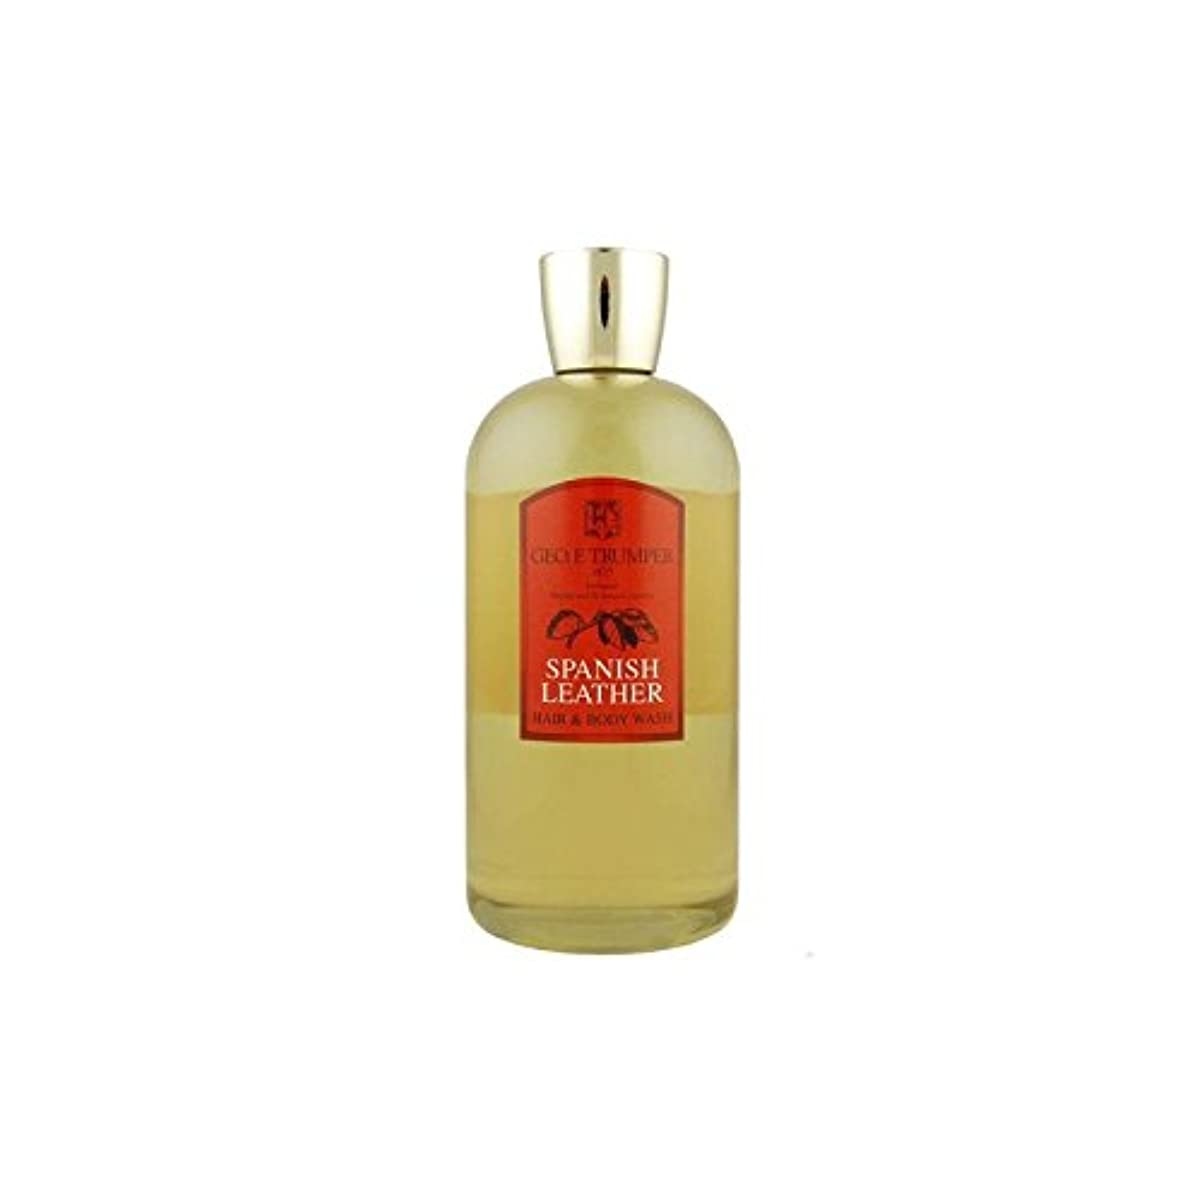 故意に文言登録Trumpers Spanish Leather Hair and Body Wash - 500mlTravel Bottle (Pack of 6) - 革の髪とボディウォッシュスペイン語 - 500ボトル x6 [...